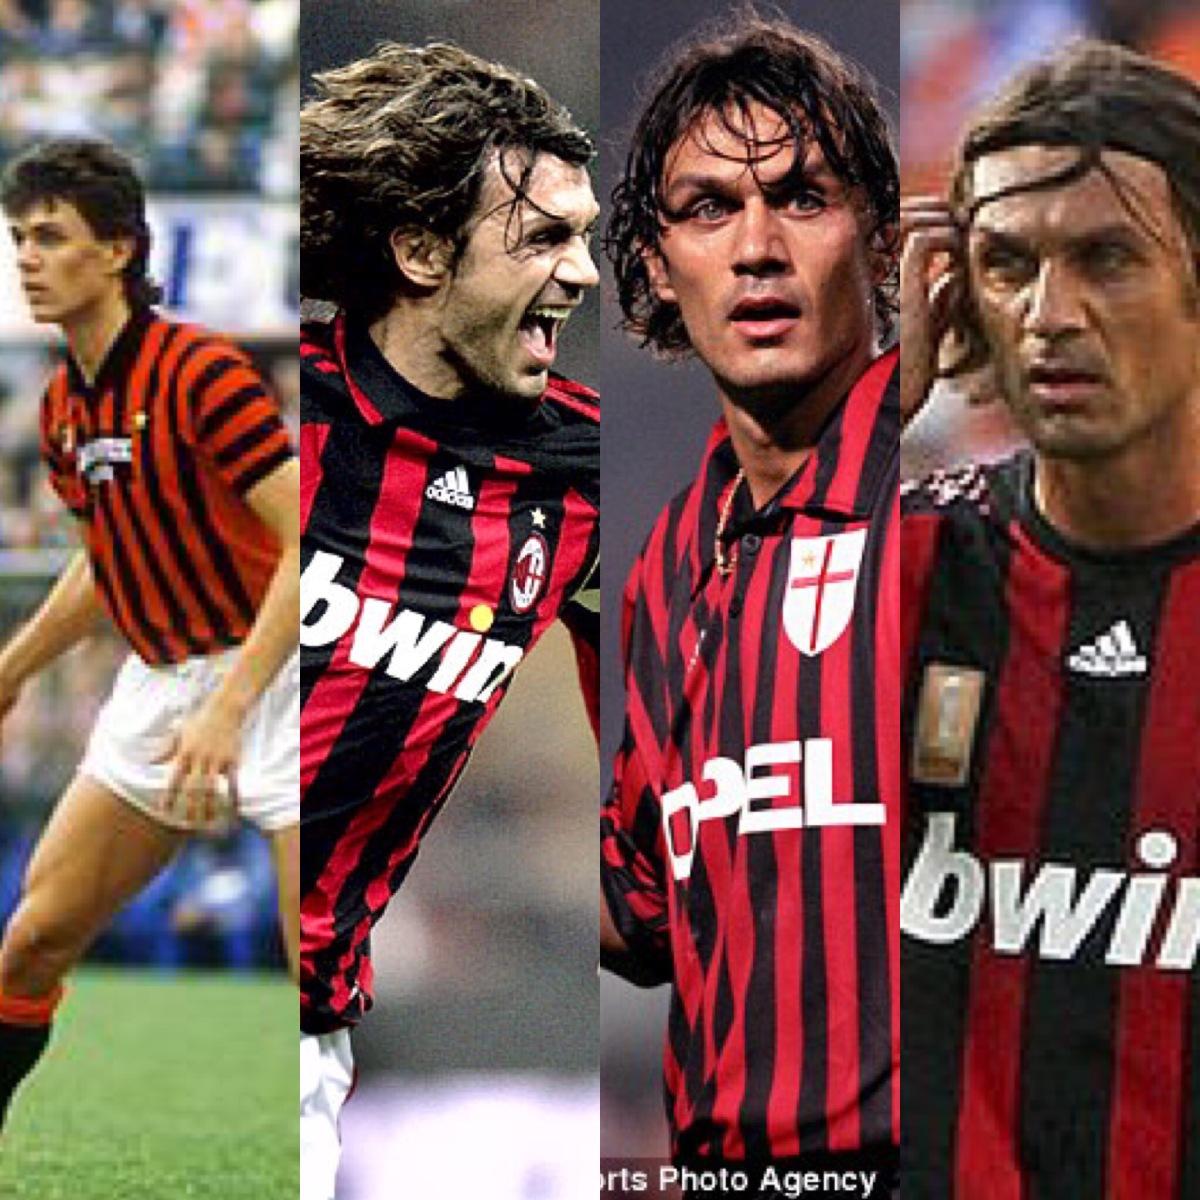 20 maggio 1985, l'esordio in Serie A di Paolo Maldini: le sue 24 maglie più una...